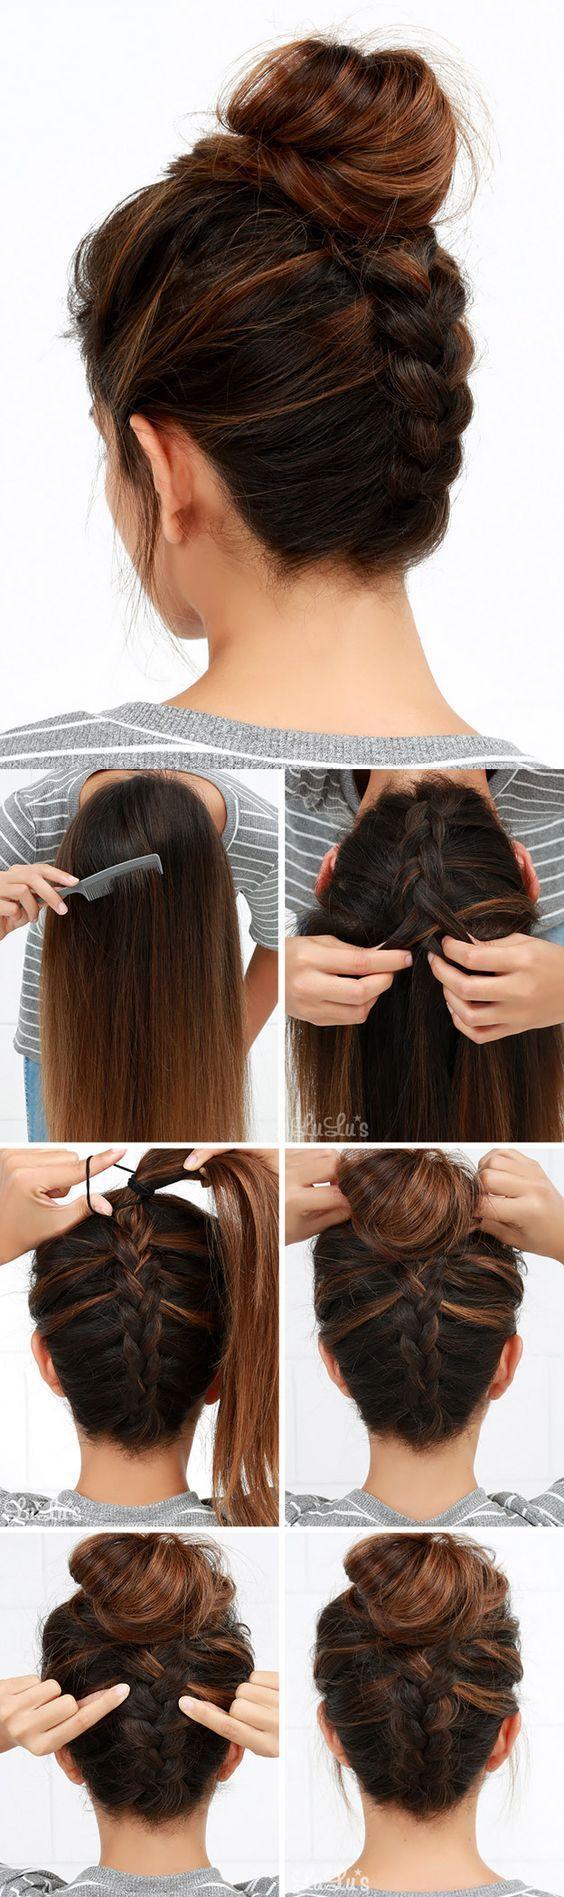 10-швидких зачісок на кожен день